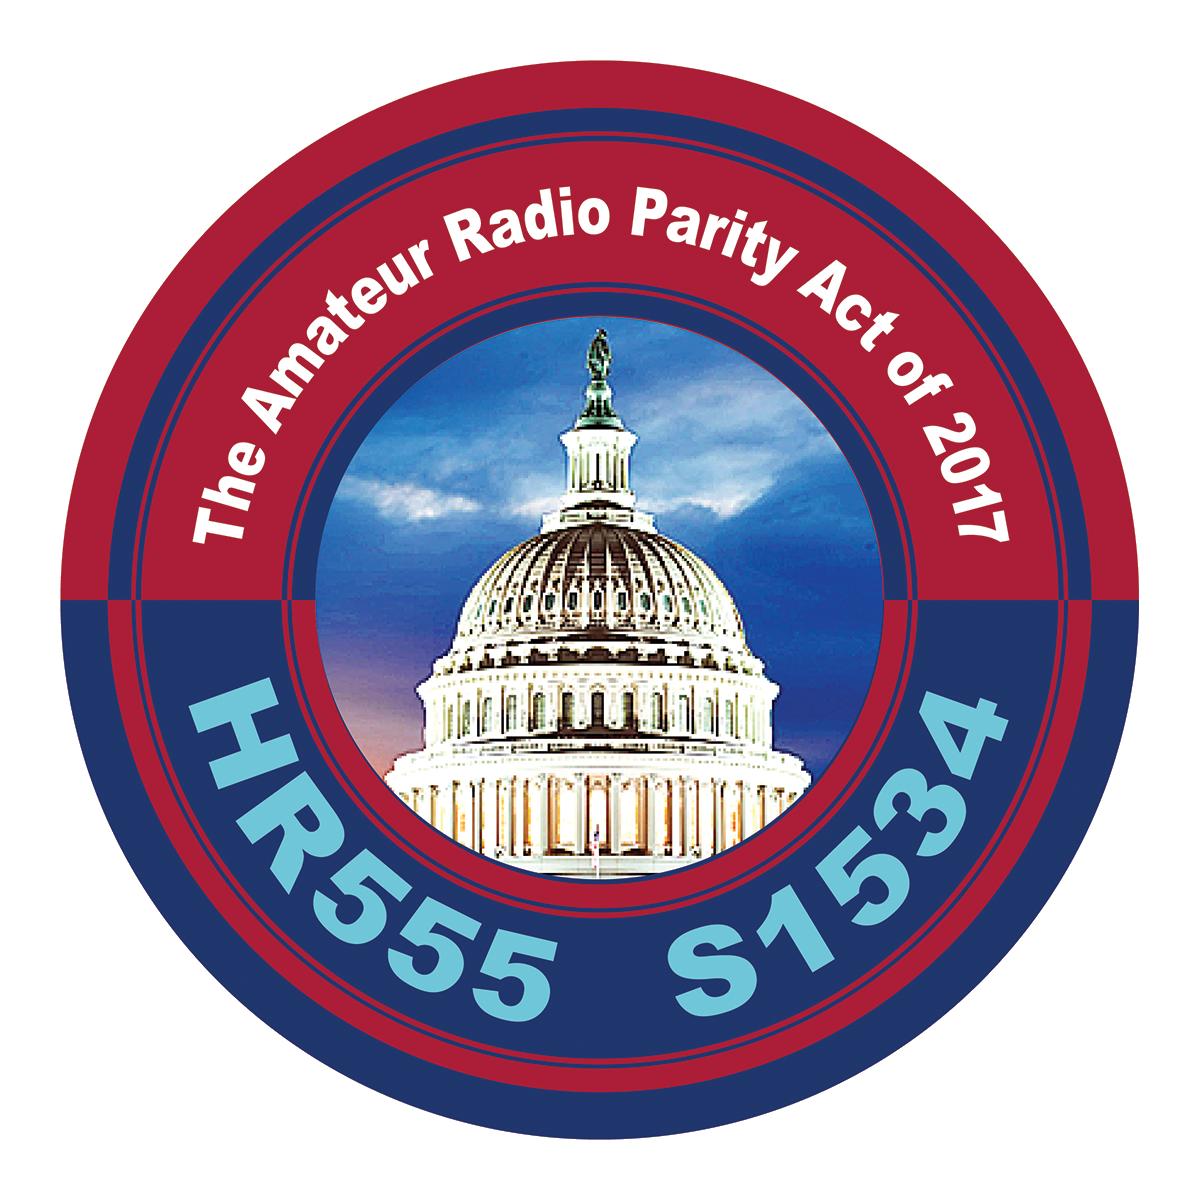 http://www3.arrl.org/nl/al/image/Amateur%20Radio%20Parity%20Act%20(2017)%20Logo.png